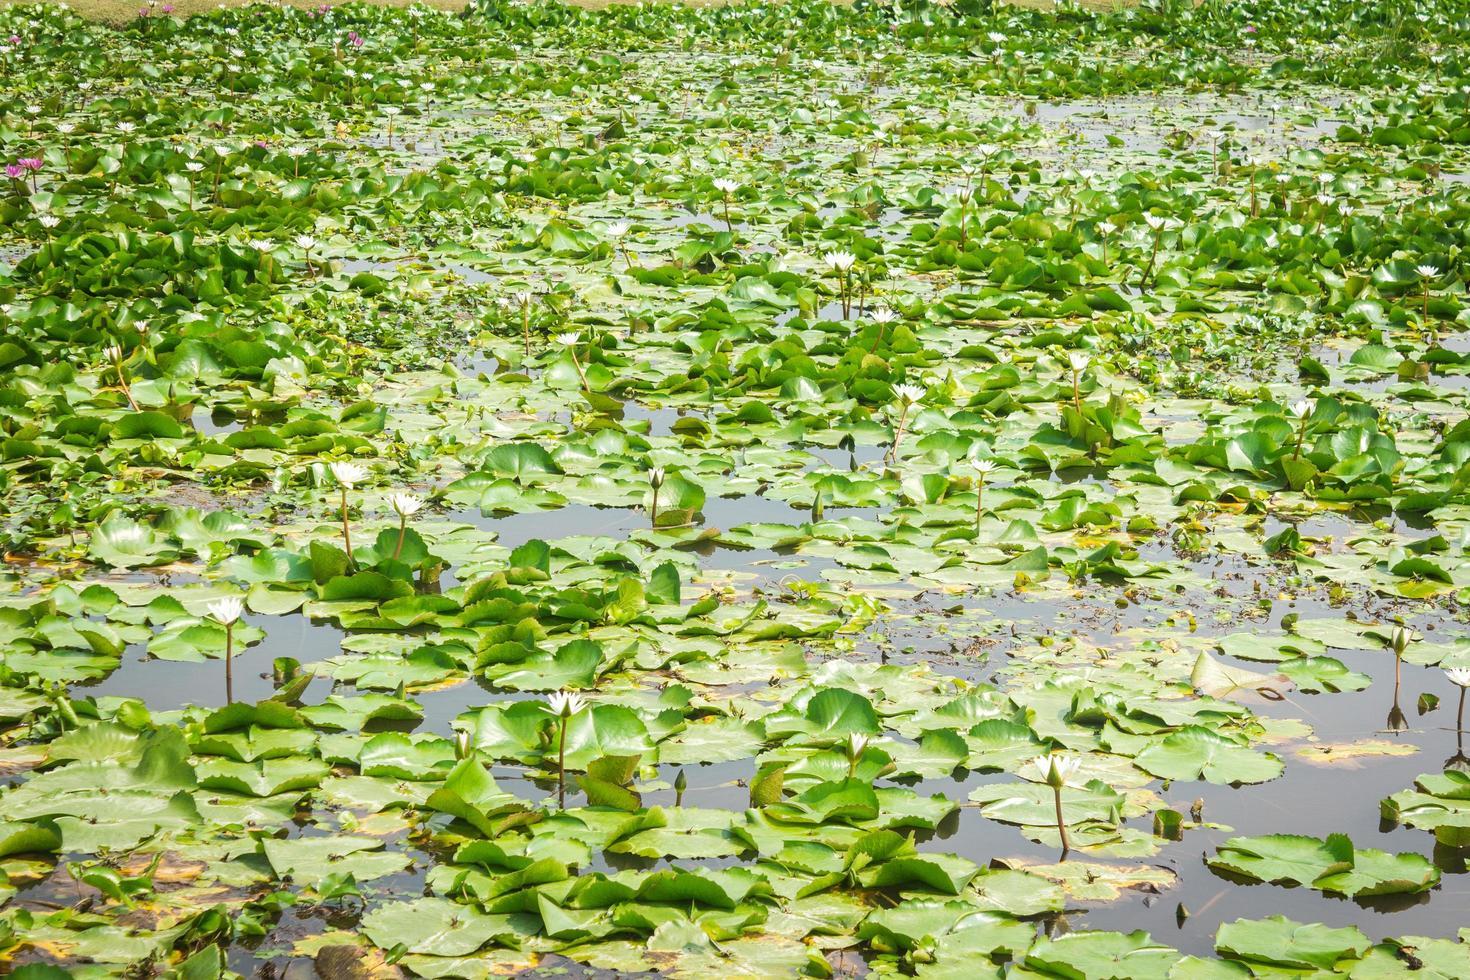 Teich mit Seerosen gefüllt foto